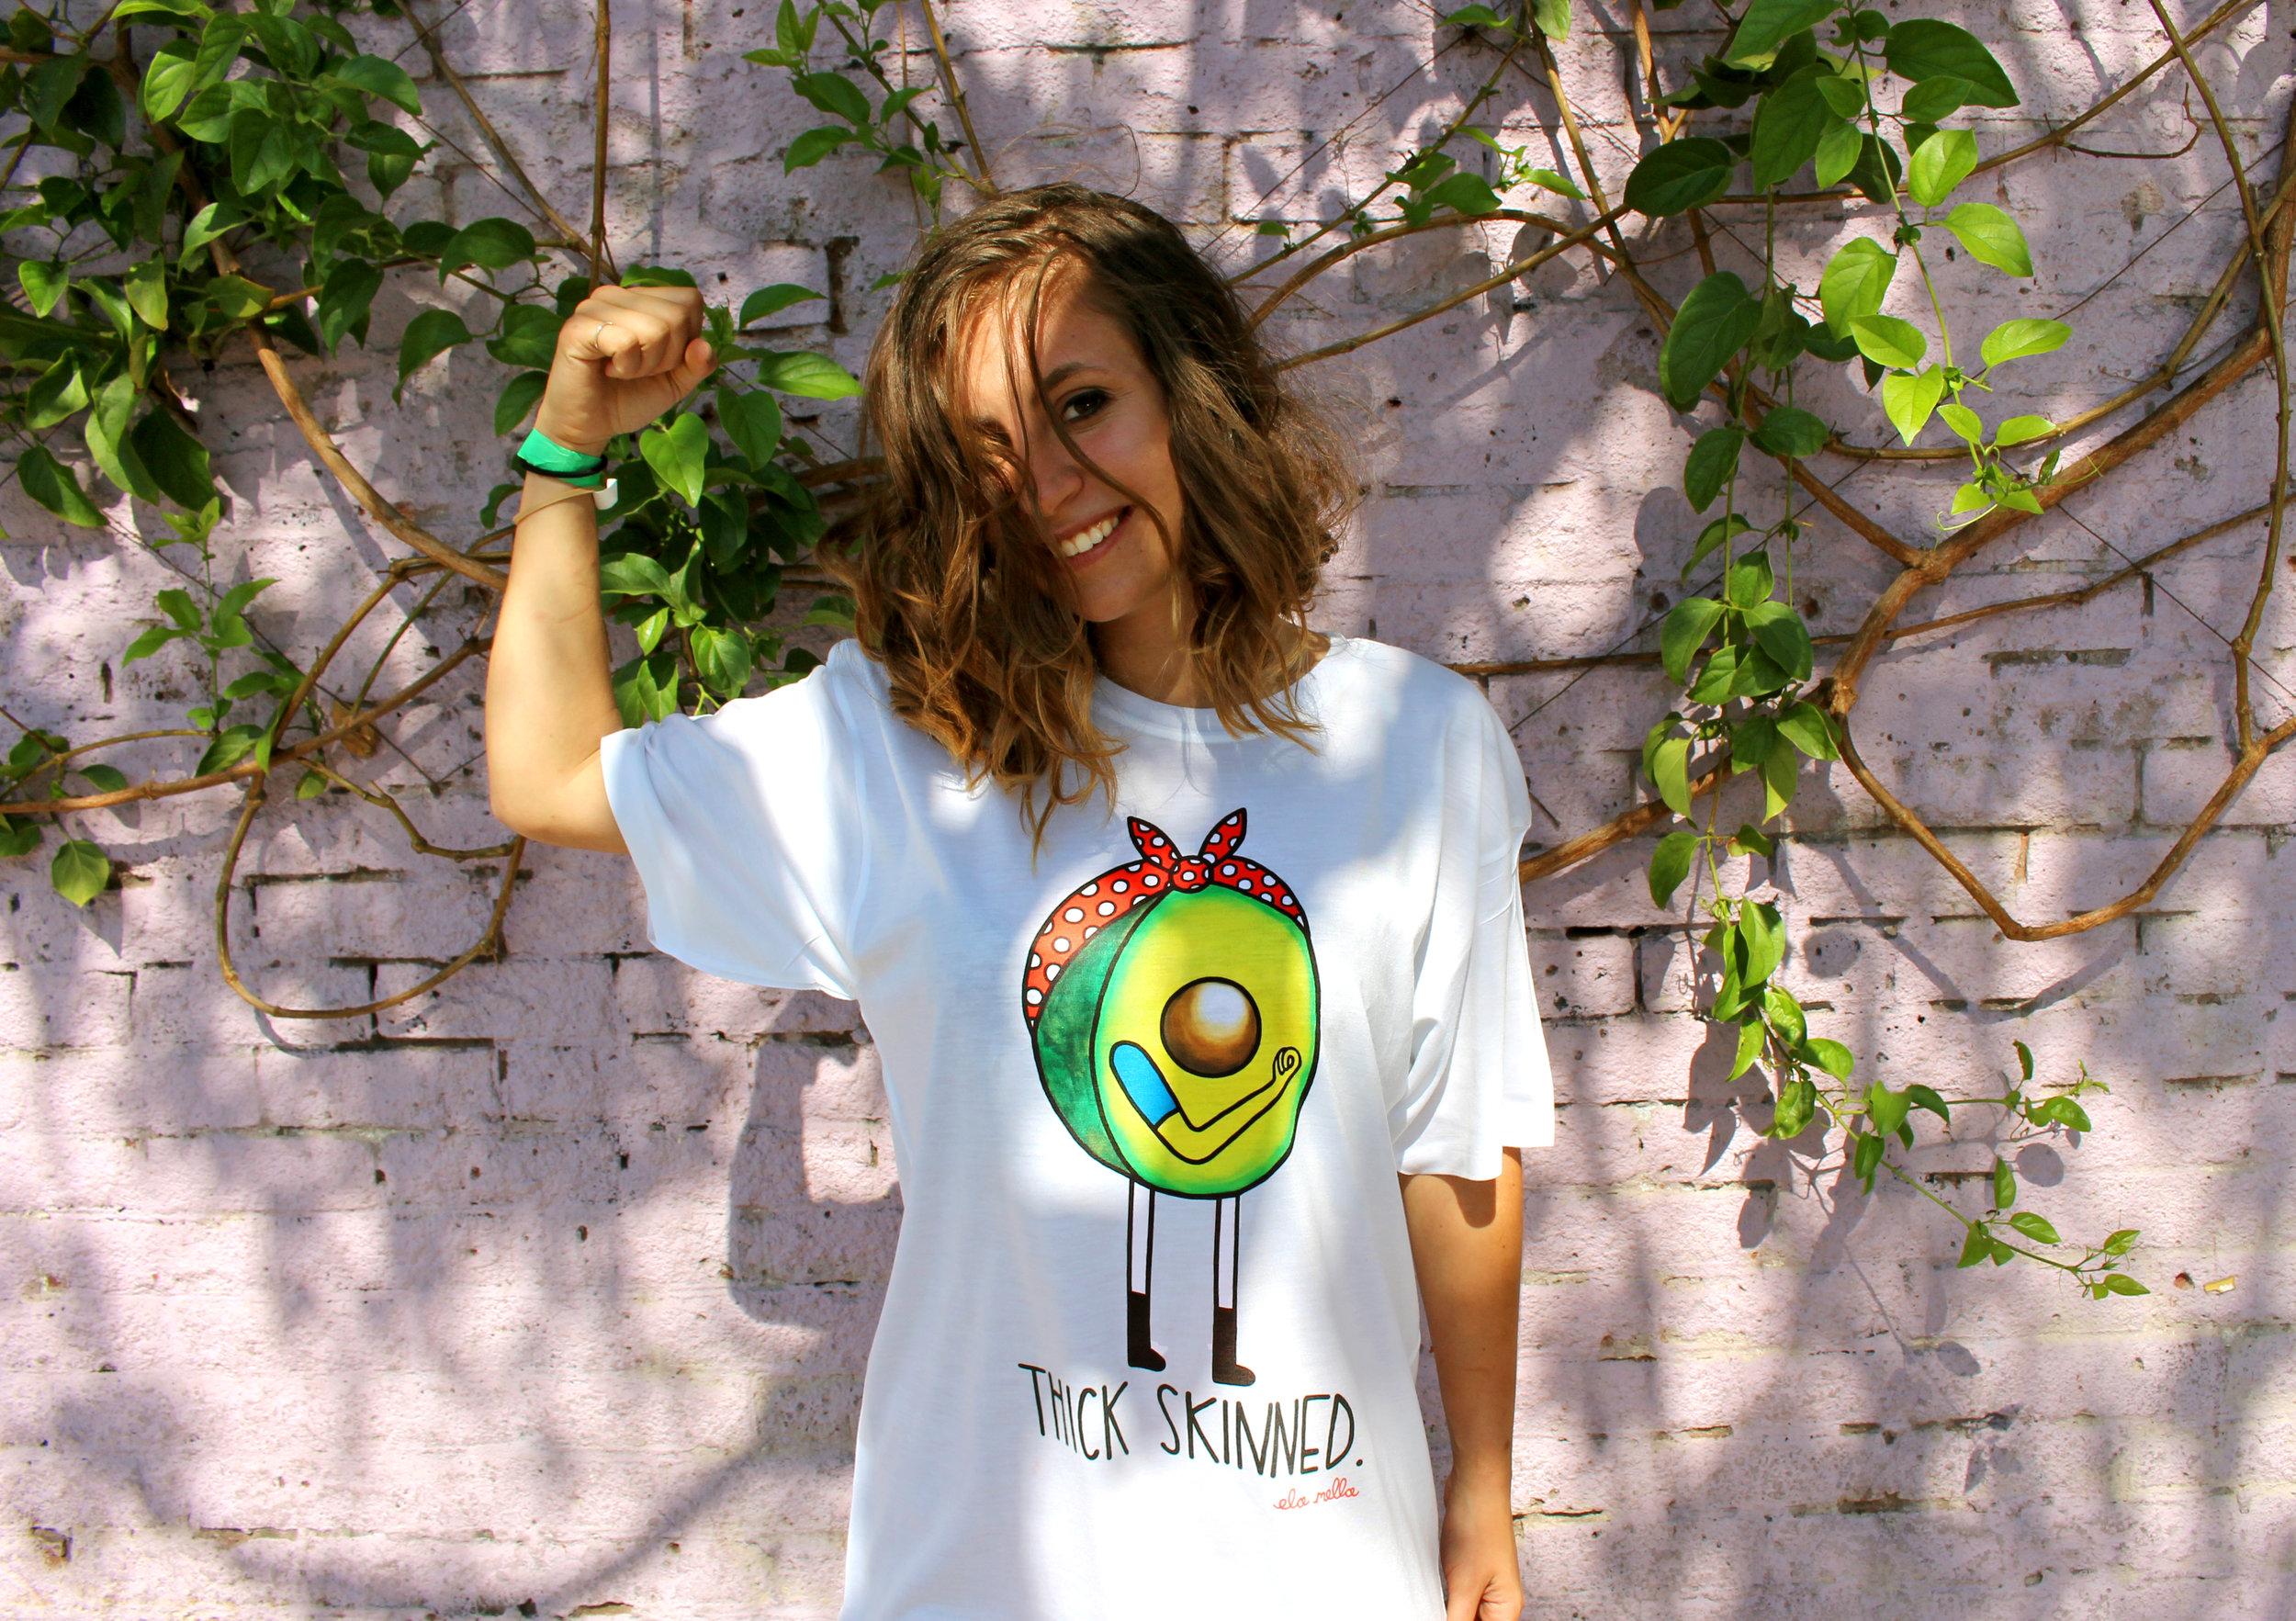 Thick Skinned Shirt Photo.jpg